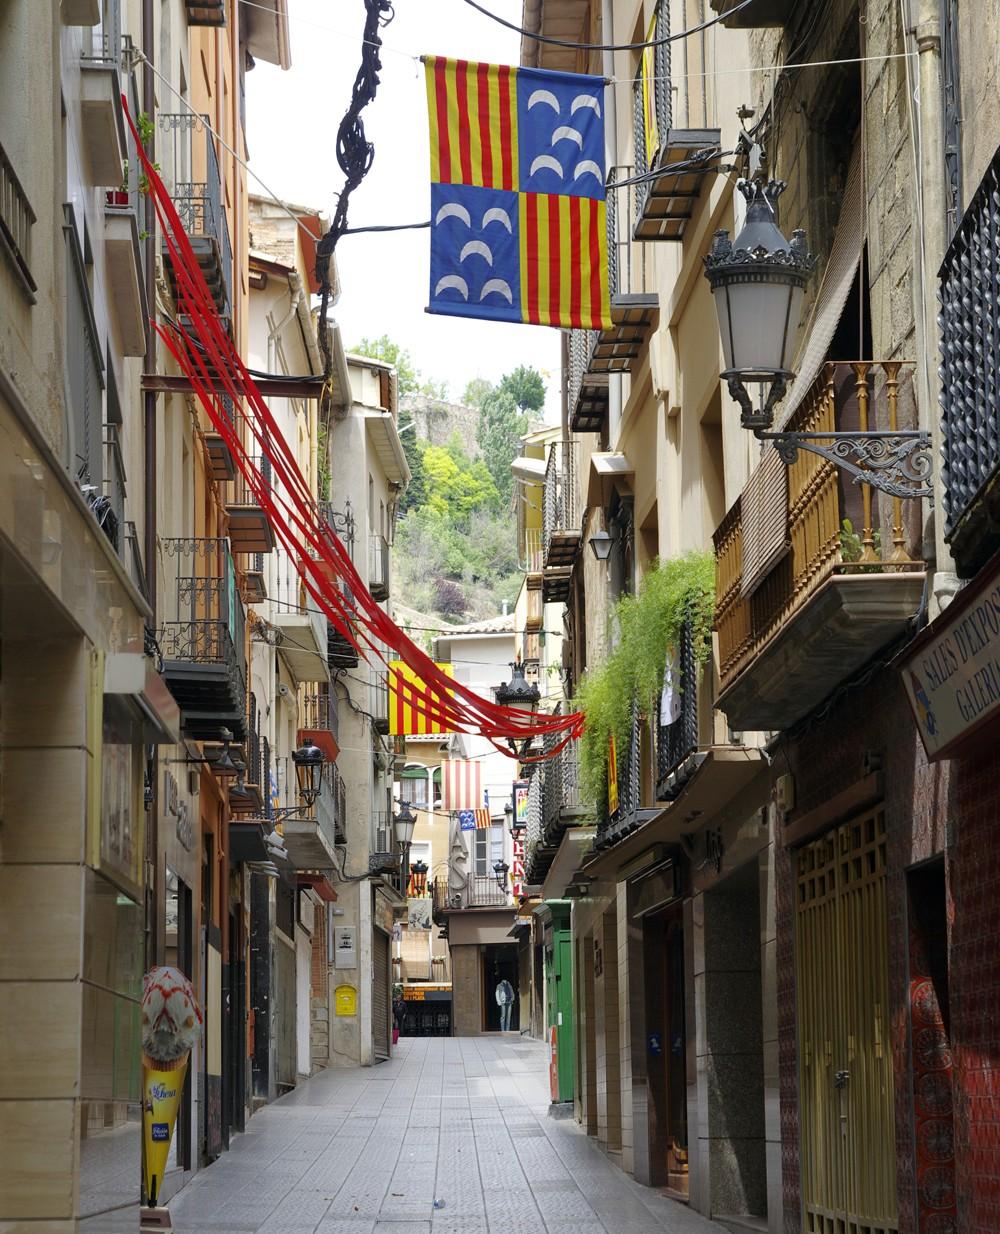 BERGA, SPAIN